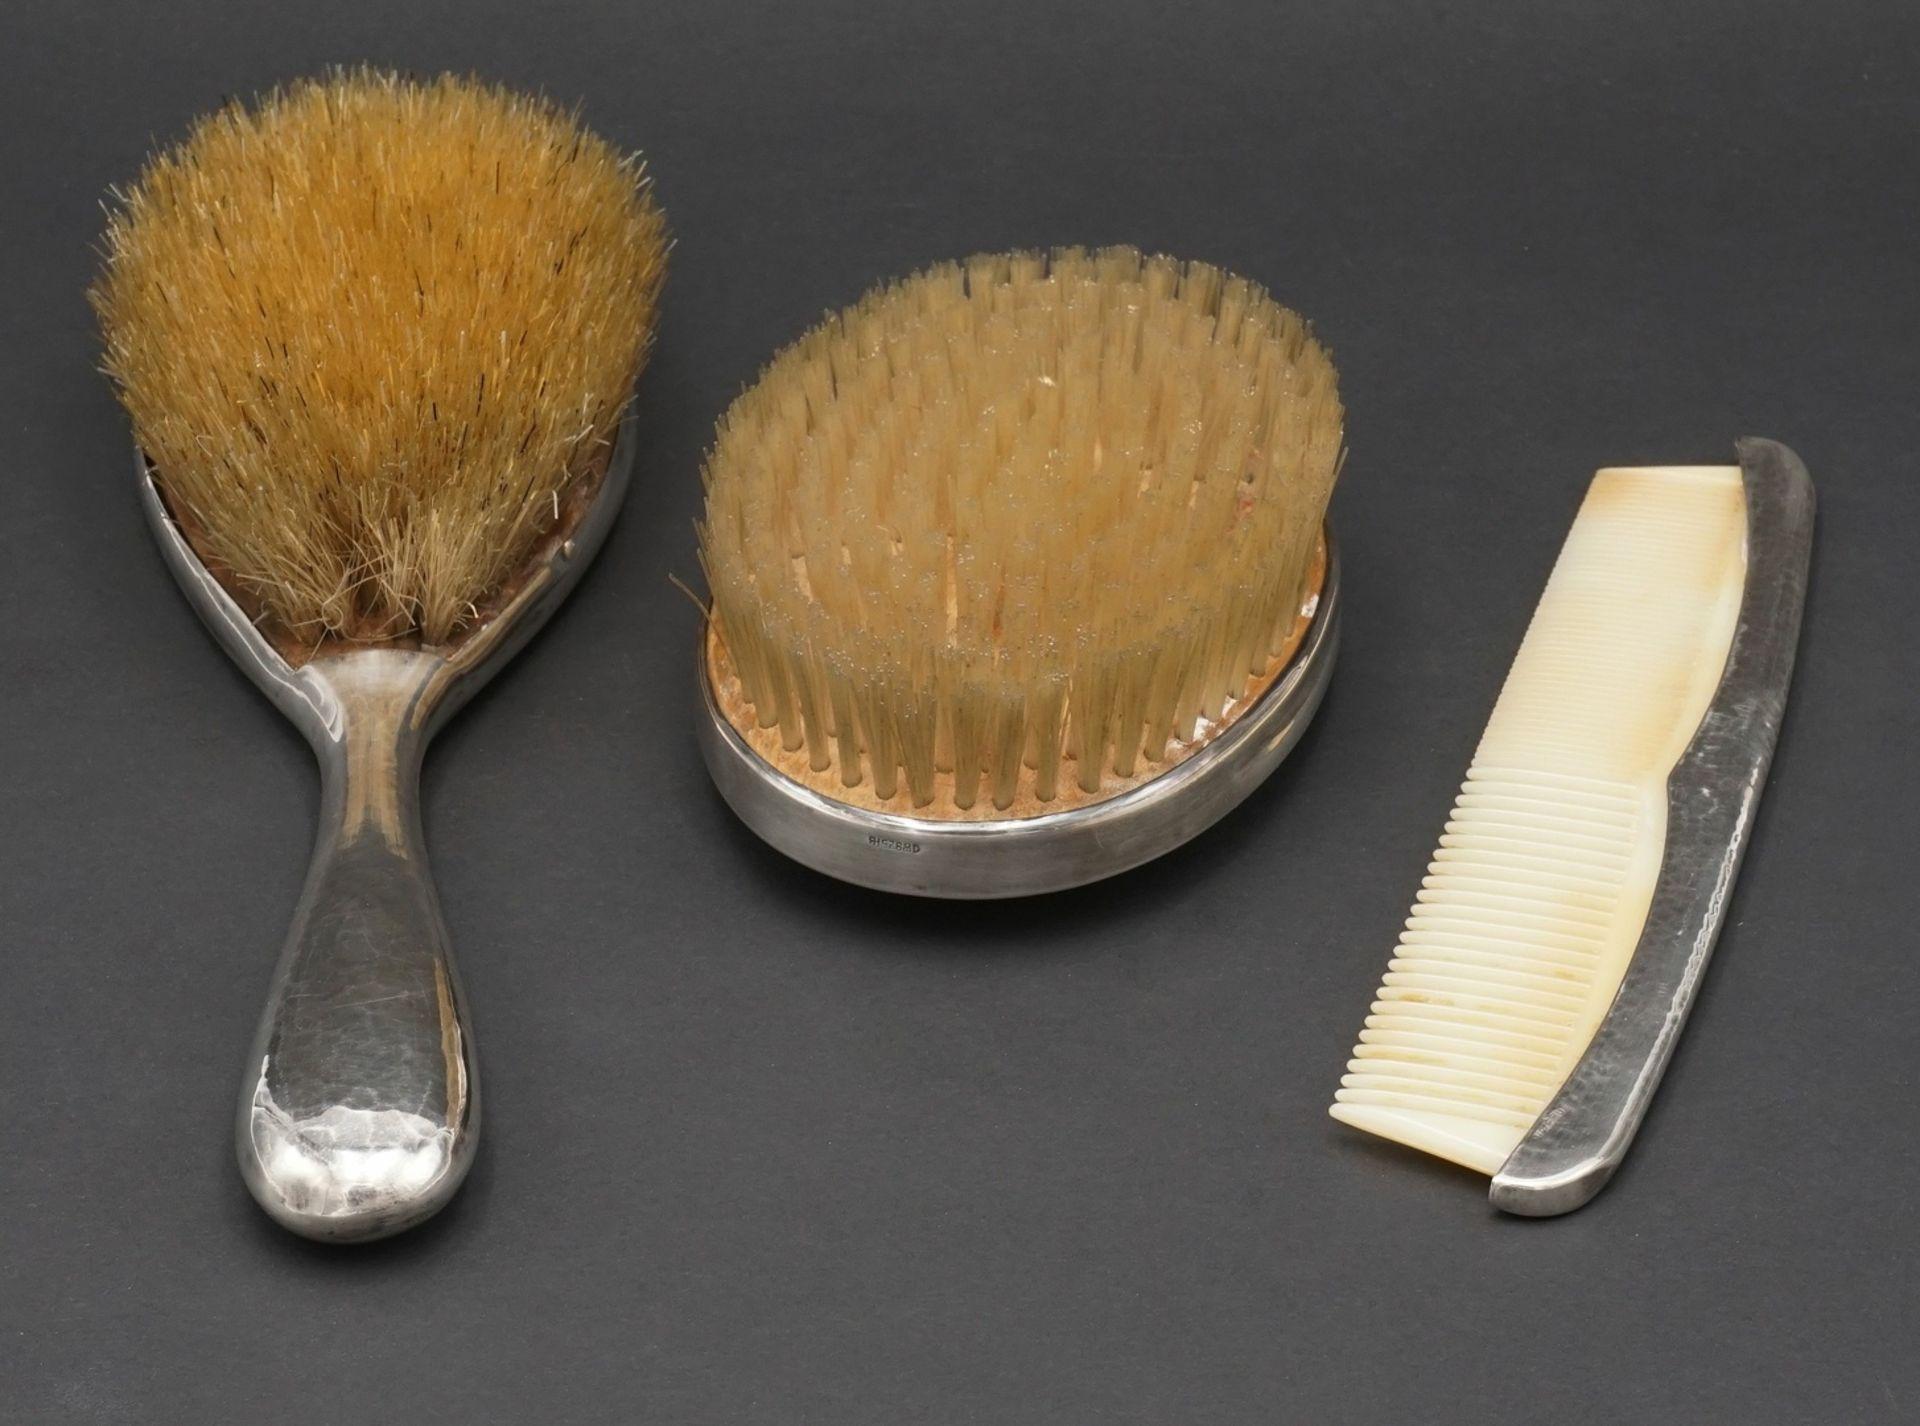 Behrnd Hermann Toilettenset / Frisierset, um 1920 - Bild 2 aus 3